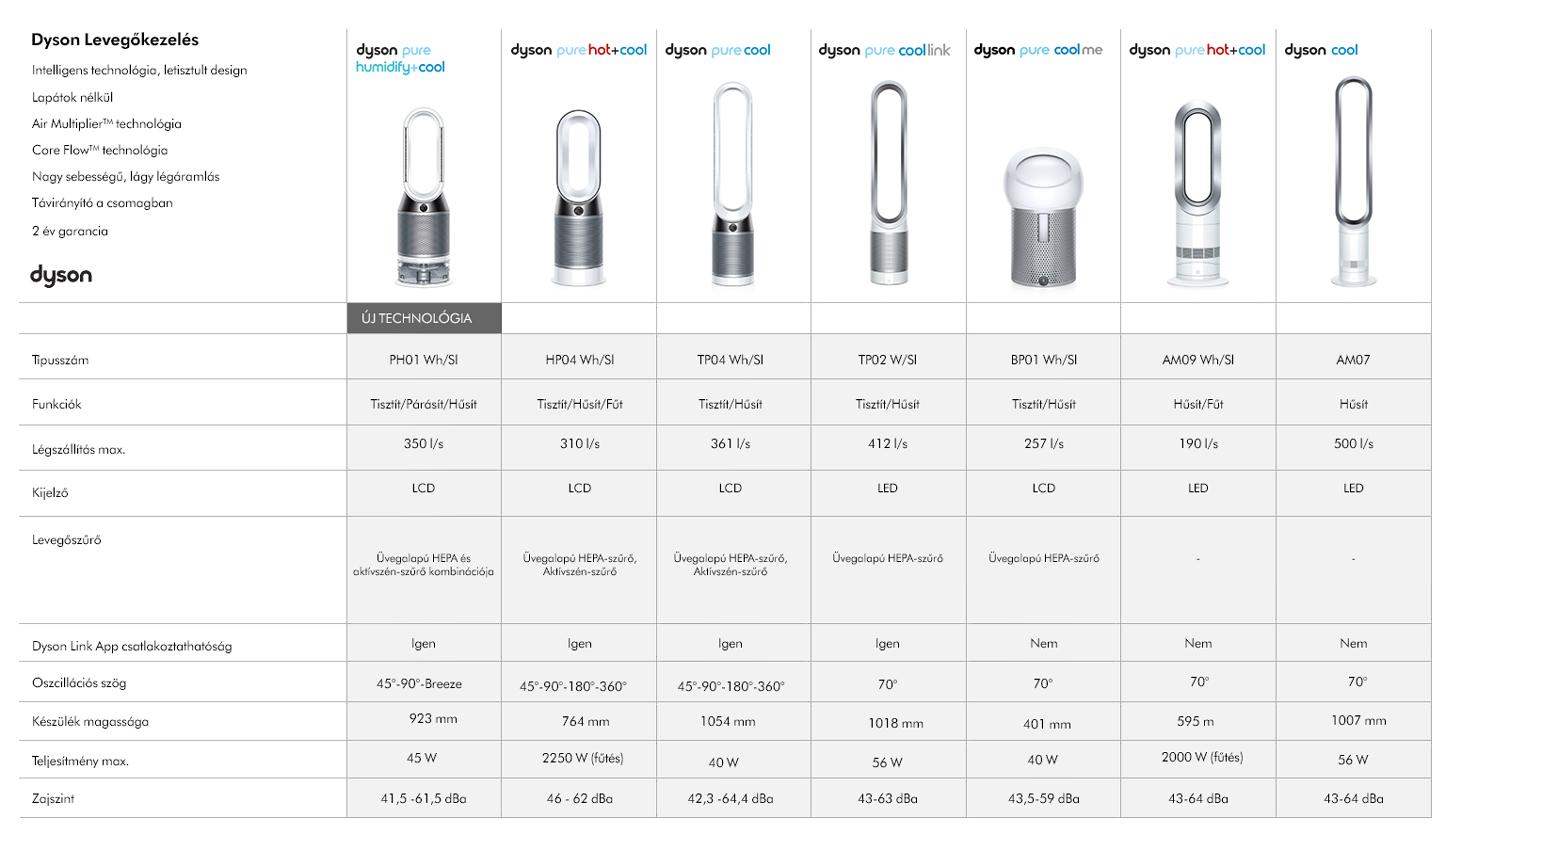 Dyson termékek összehasonlítása